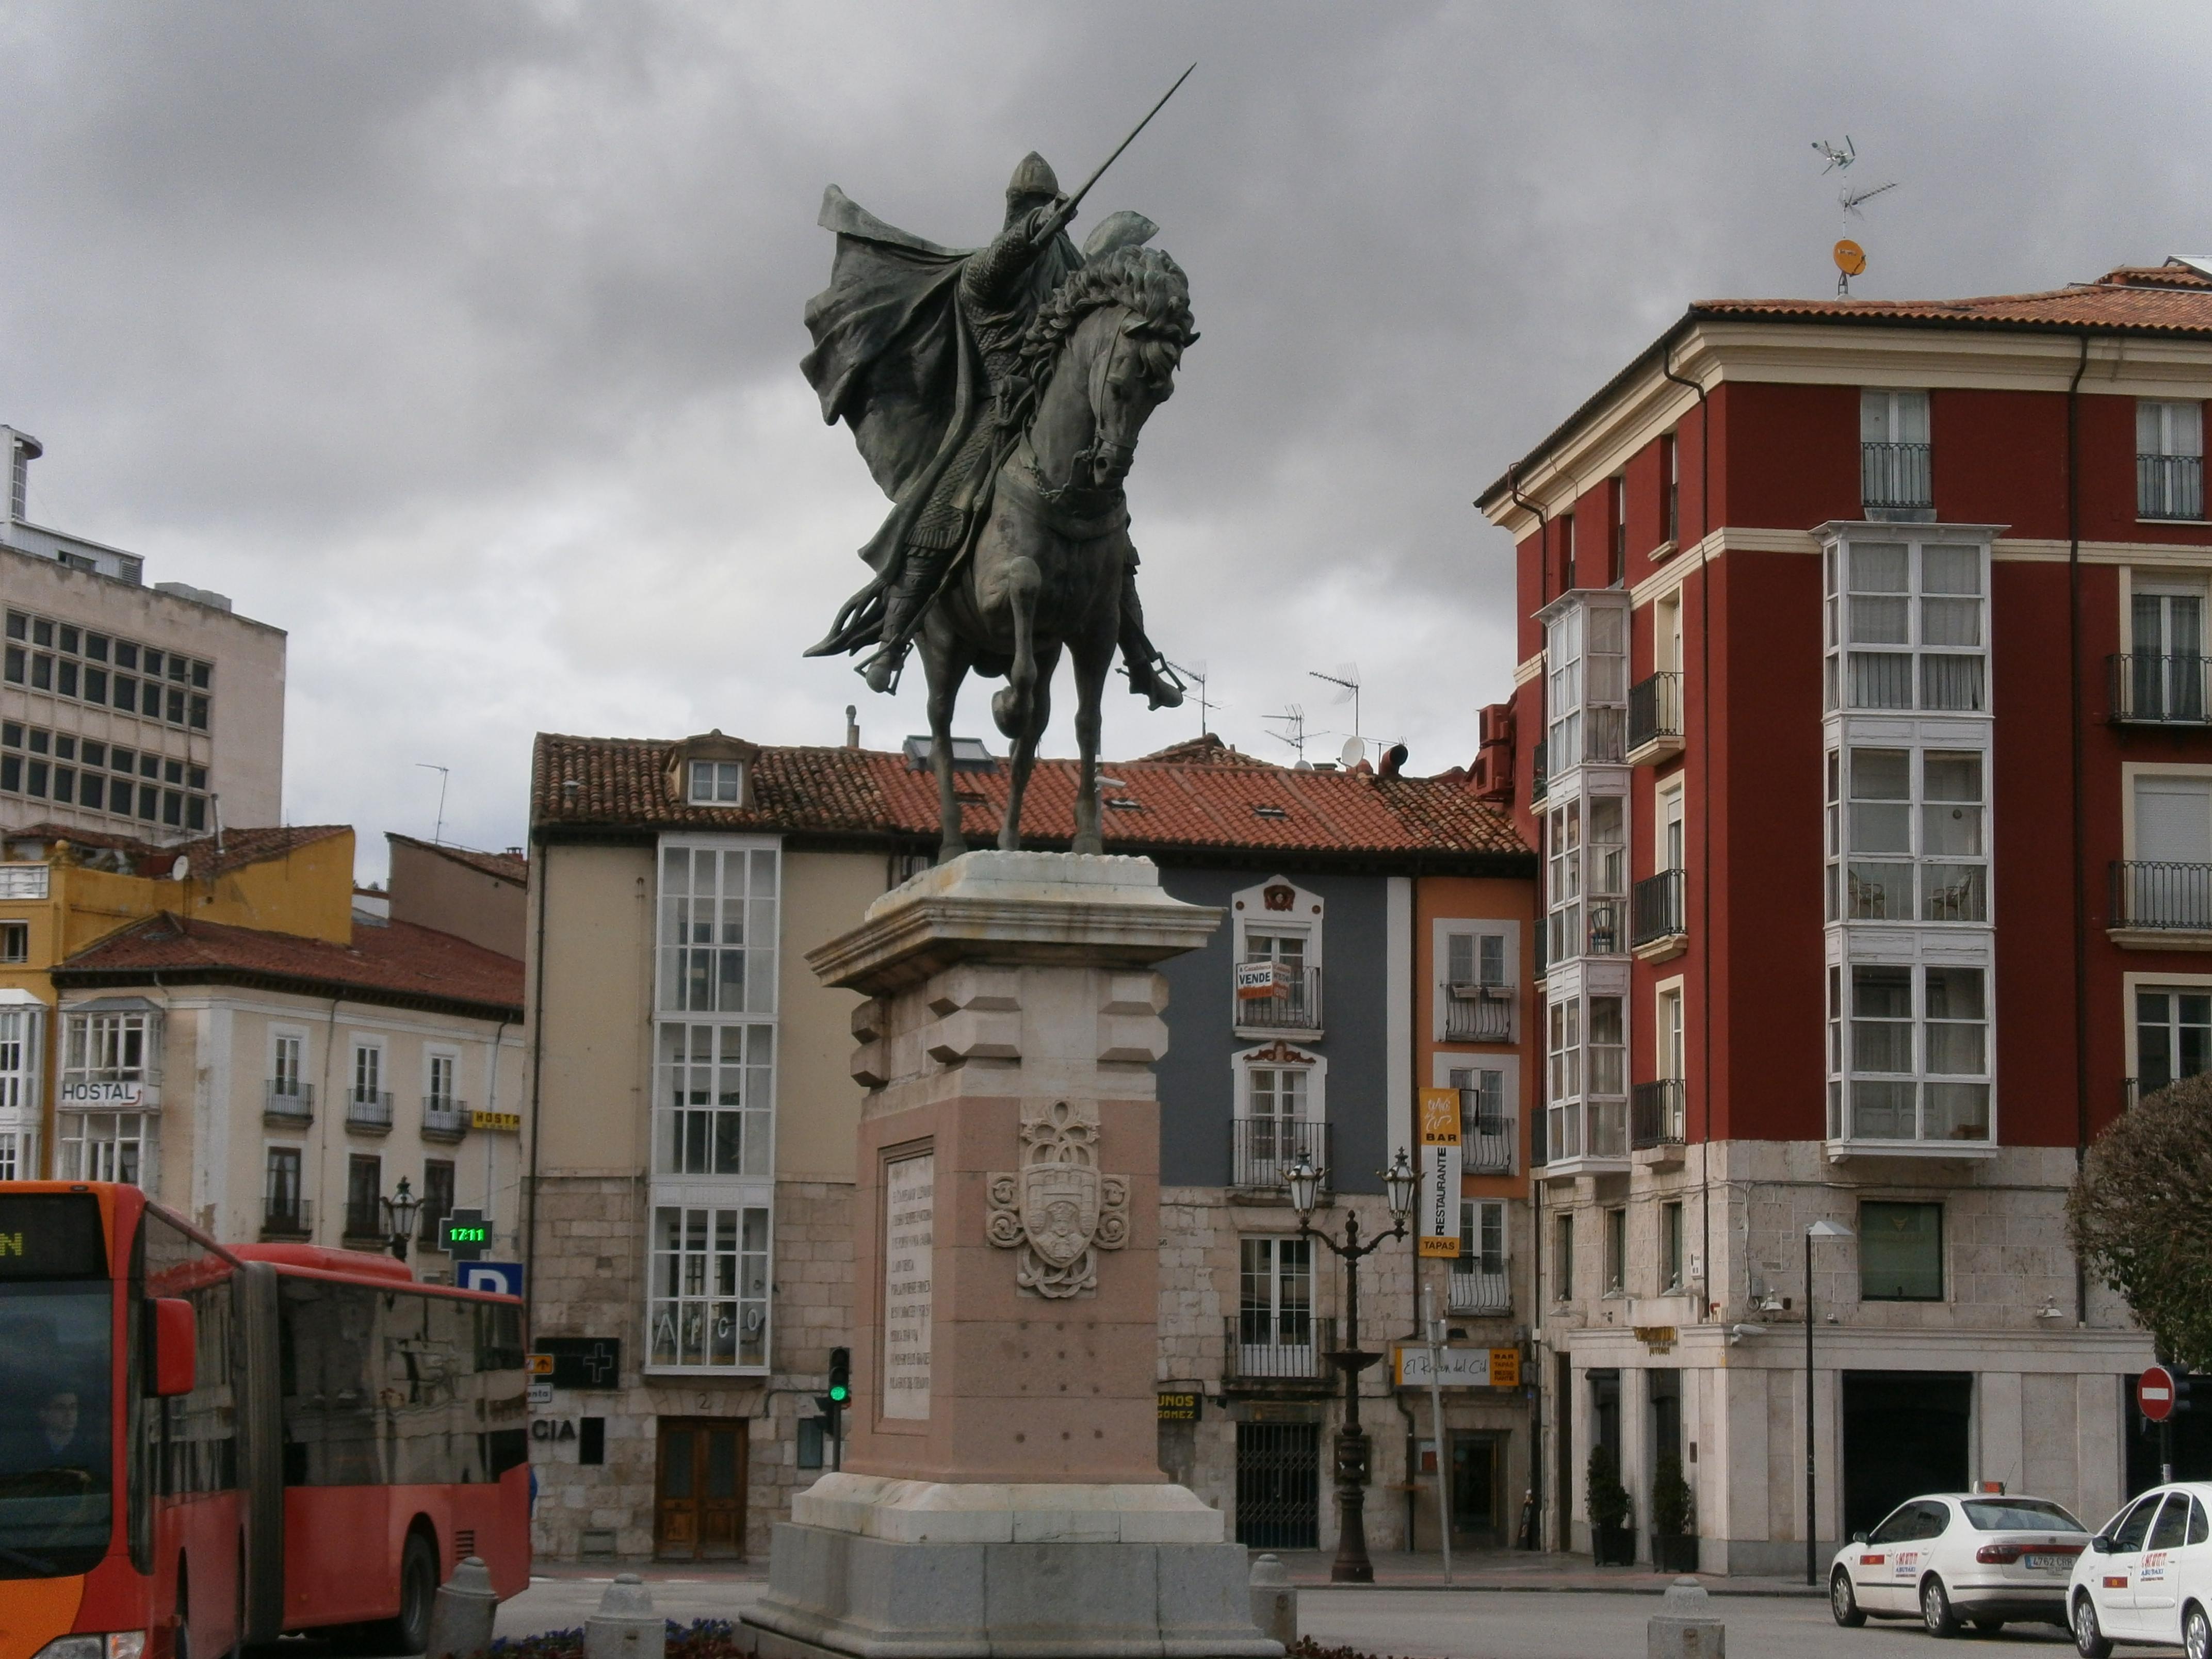 File:Zeinahi erasorako prest doa El Cid Campeador, bere